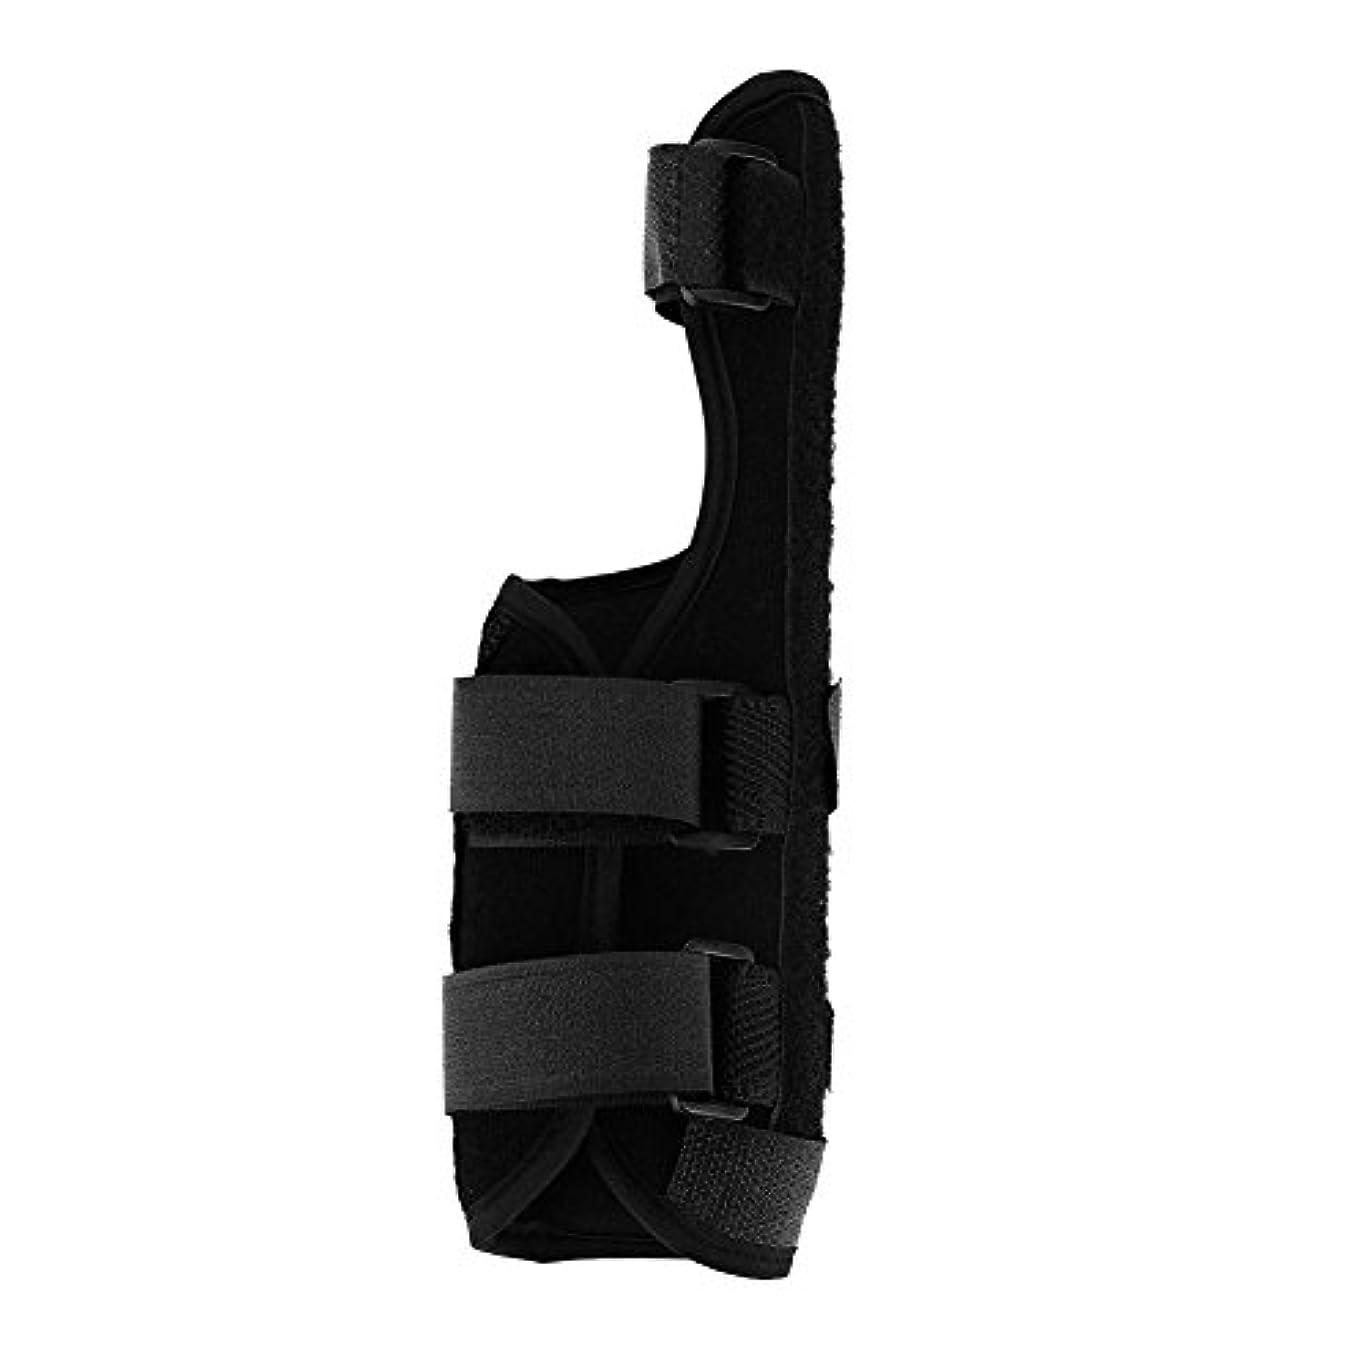 植生信者刑務所高度な手首ブレース - 手根管手首副子。手根管症候群、手首の痛み、捻挫、RSI、関節炎の即時鎮痛に最適(A la derechaL)